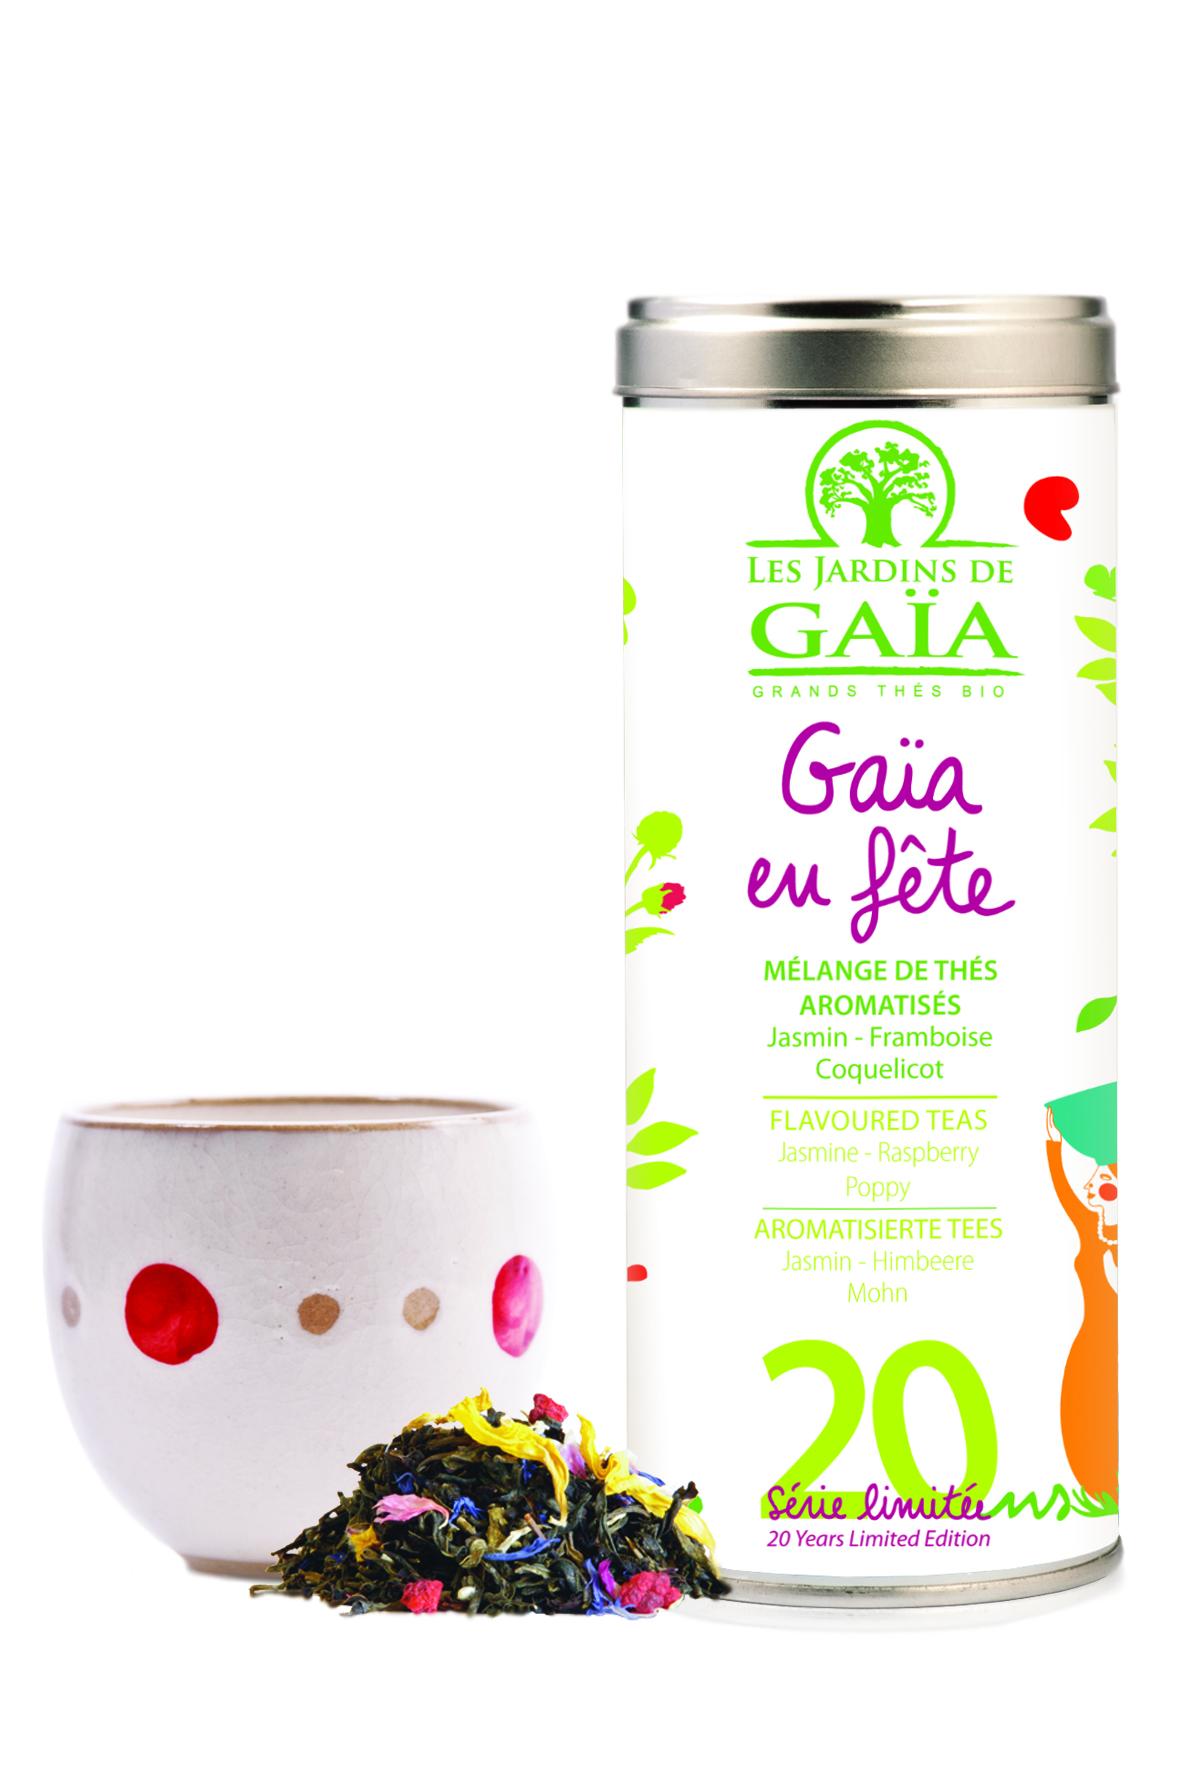 Les Jardins de Gaia